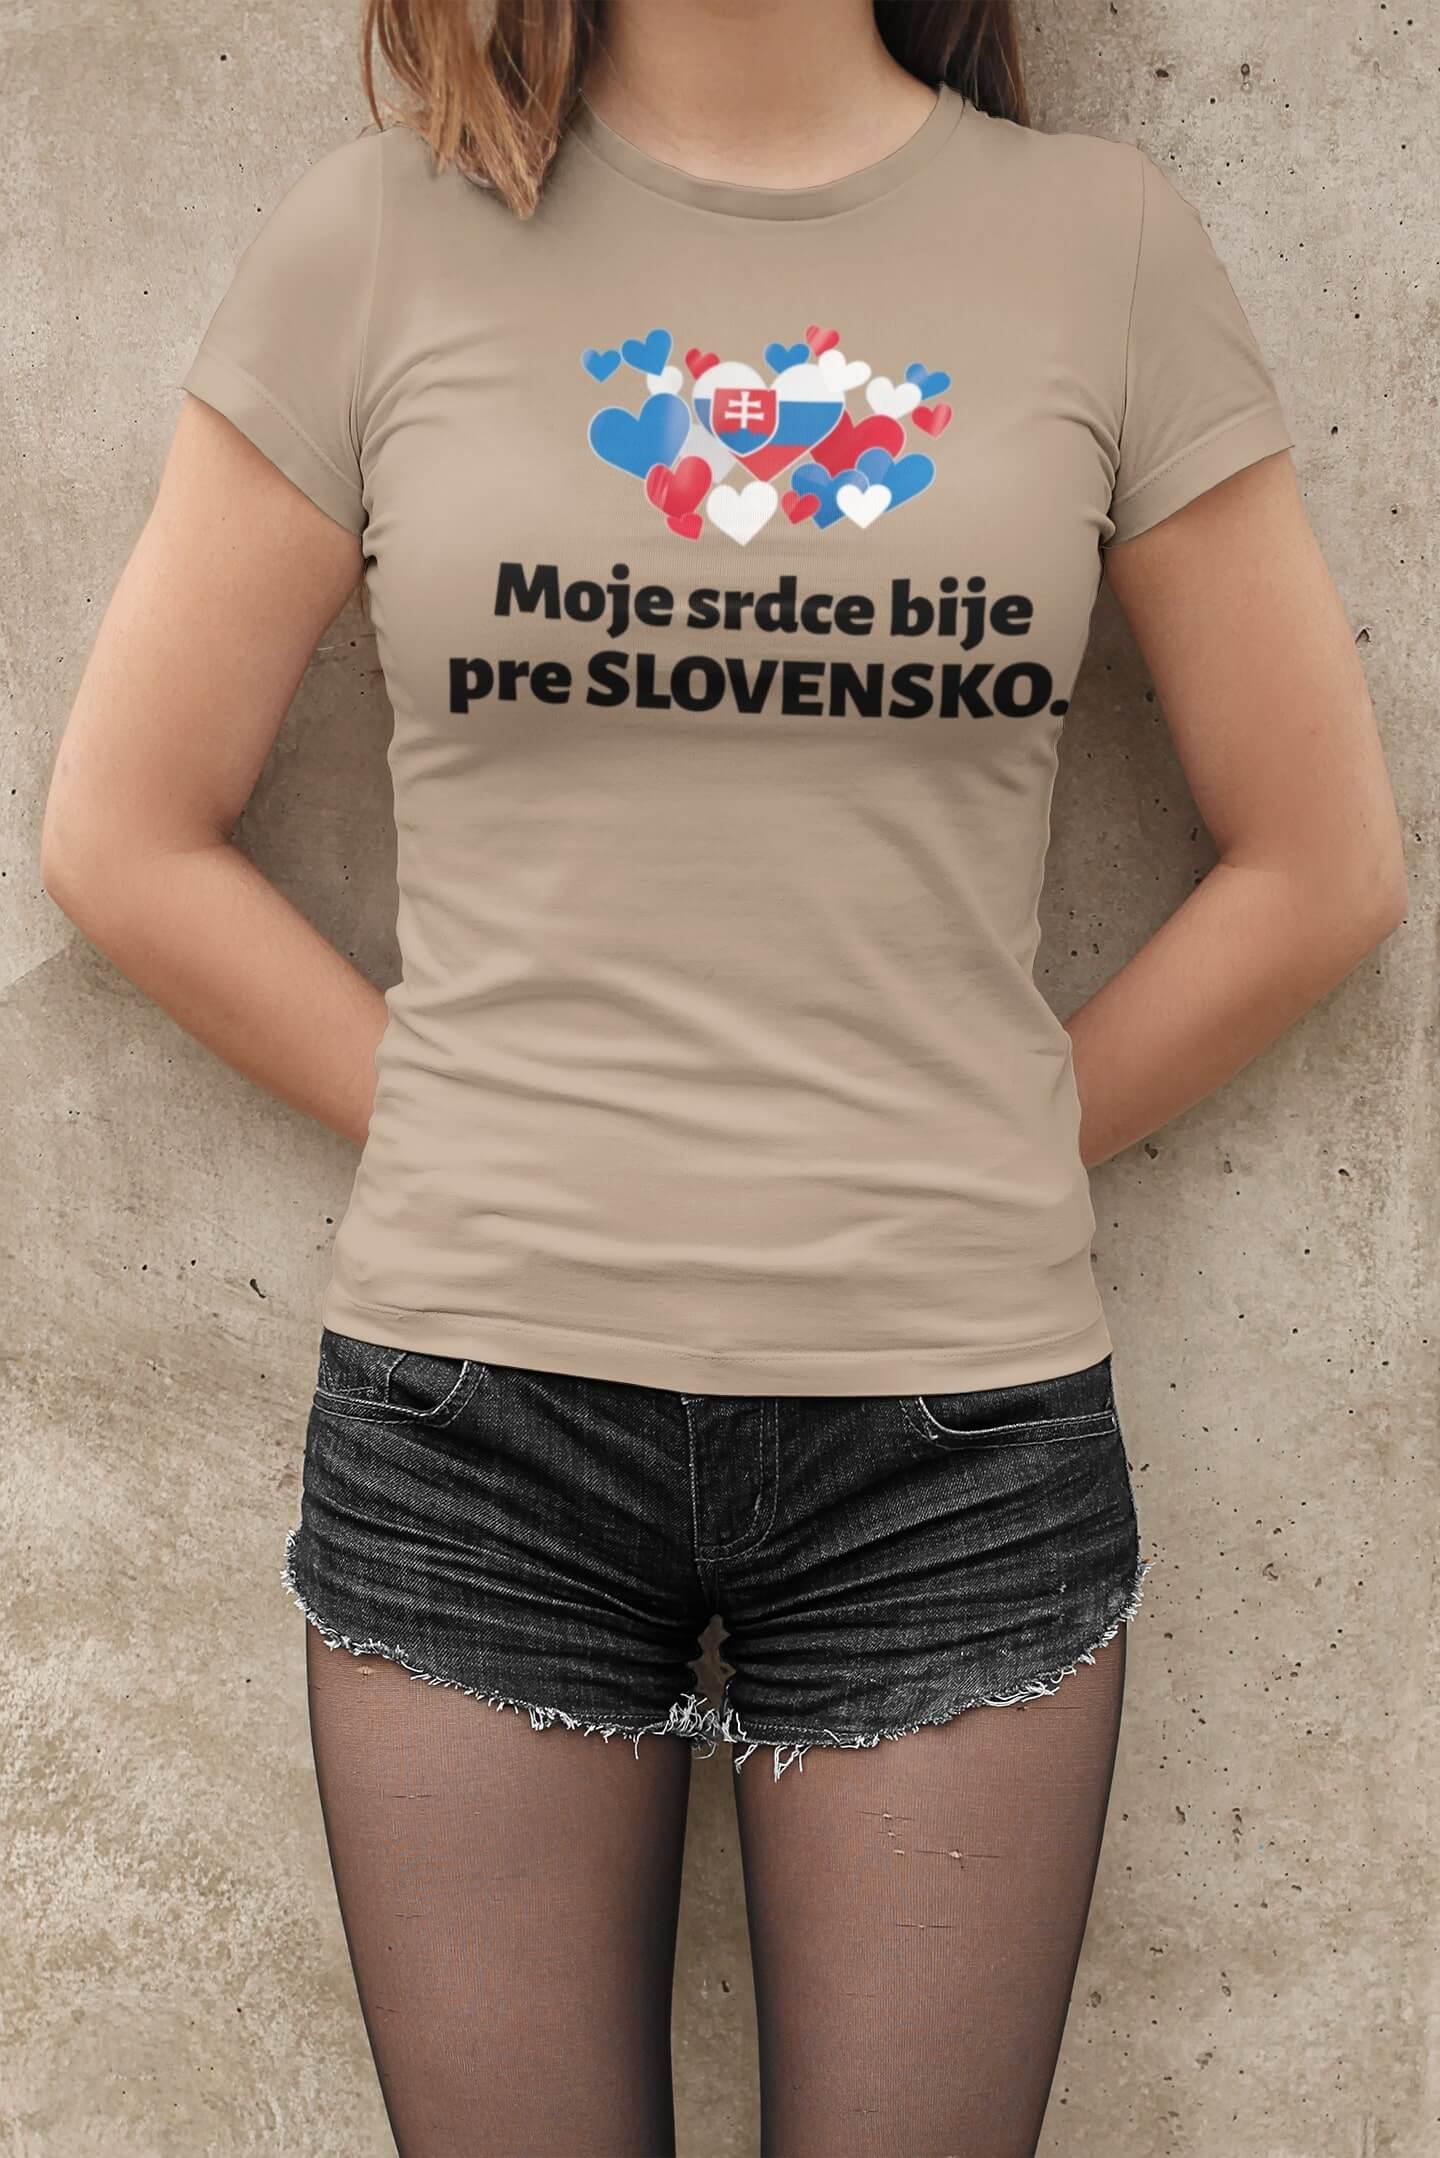 MMO Dámske tričko Srdce bije pre Slovensko Vyberte farbu: Piesková, Dámska veľkosť: M